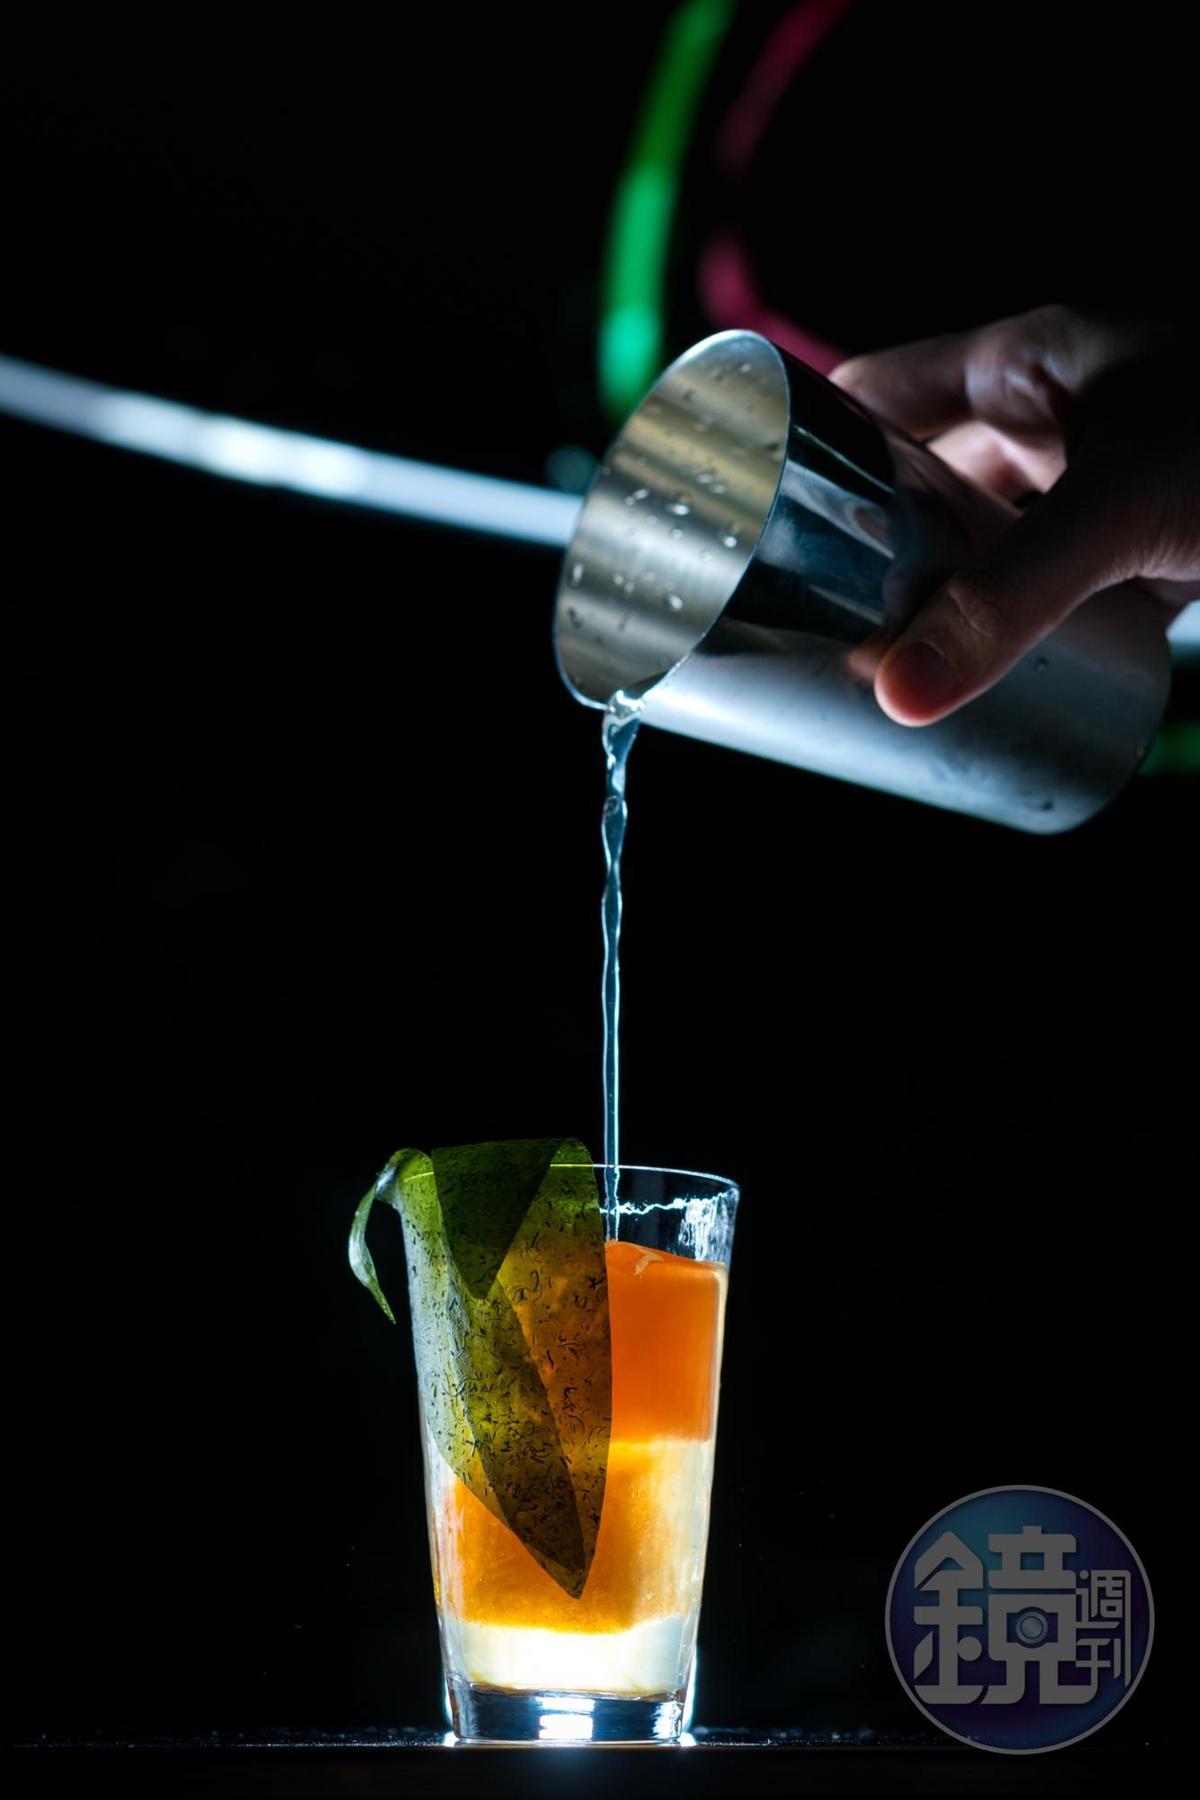 第一季調酒「Corn」有濃郁玉米味,辣椒、醬油冰塊、燒烤膠片,「燒番麥」概念完整,雖然已喝不到,未來有可能在「菱玖洋服」酒吧再現精華。